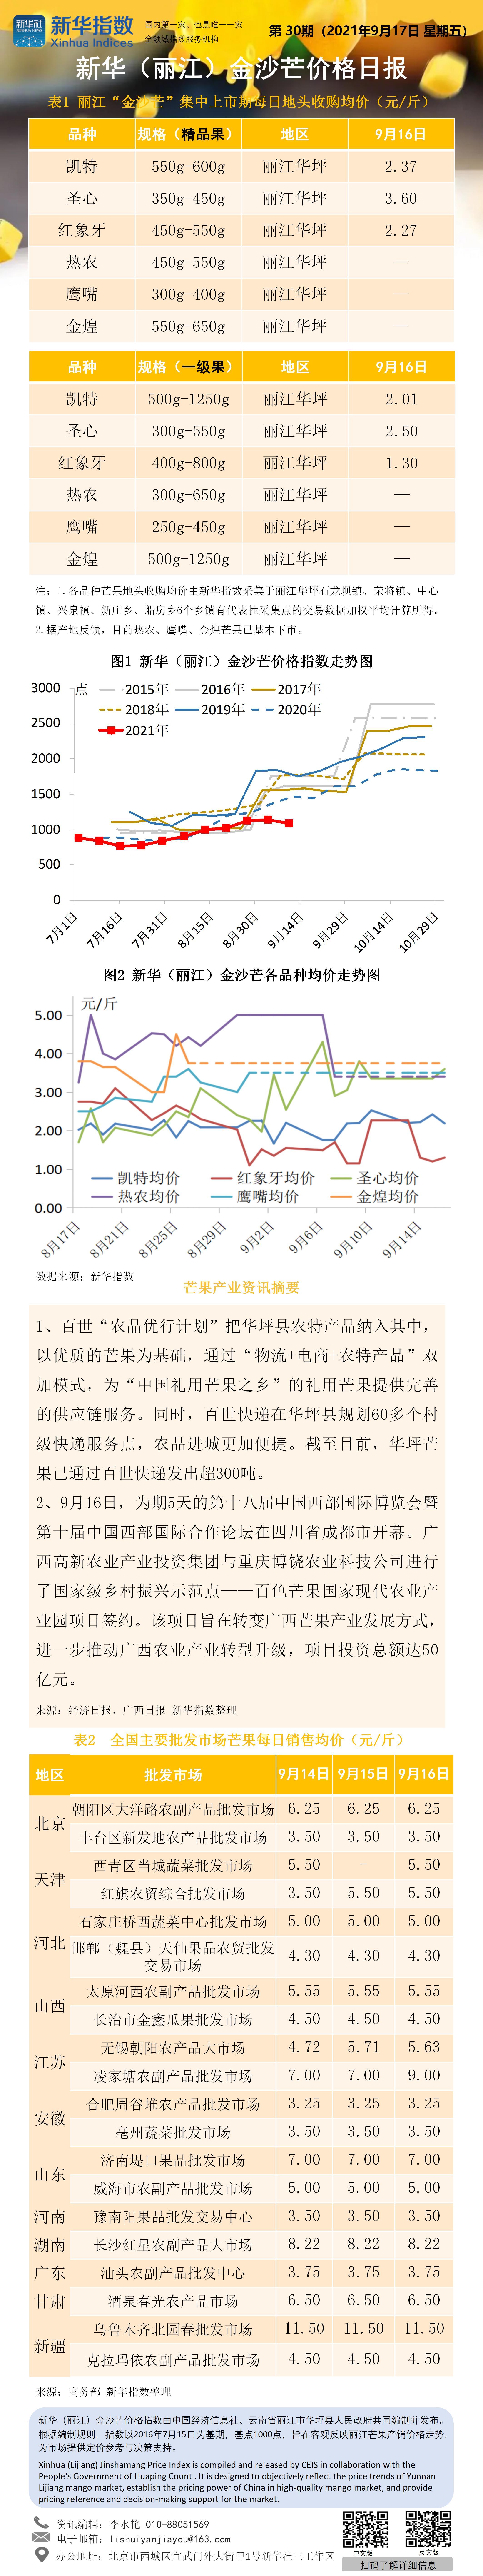 新华(丽江)金沙芒价格日报 (20210917).png